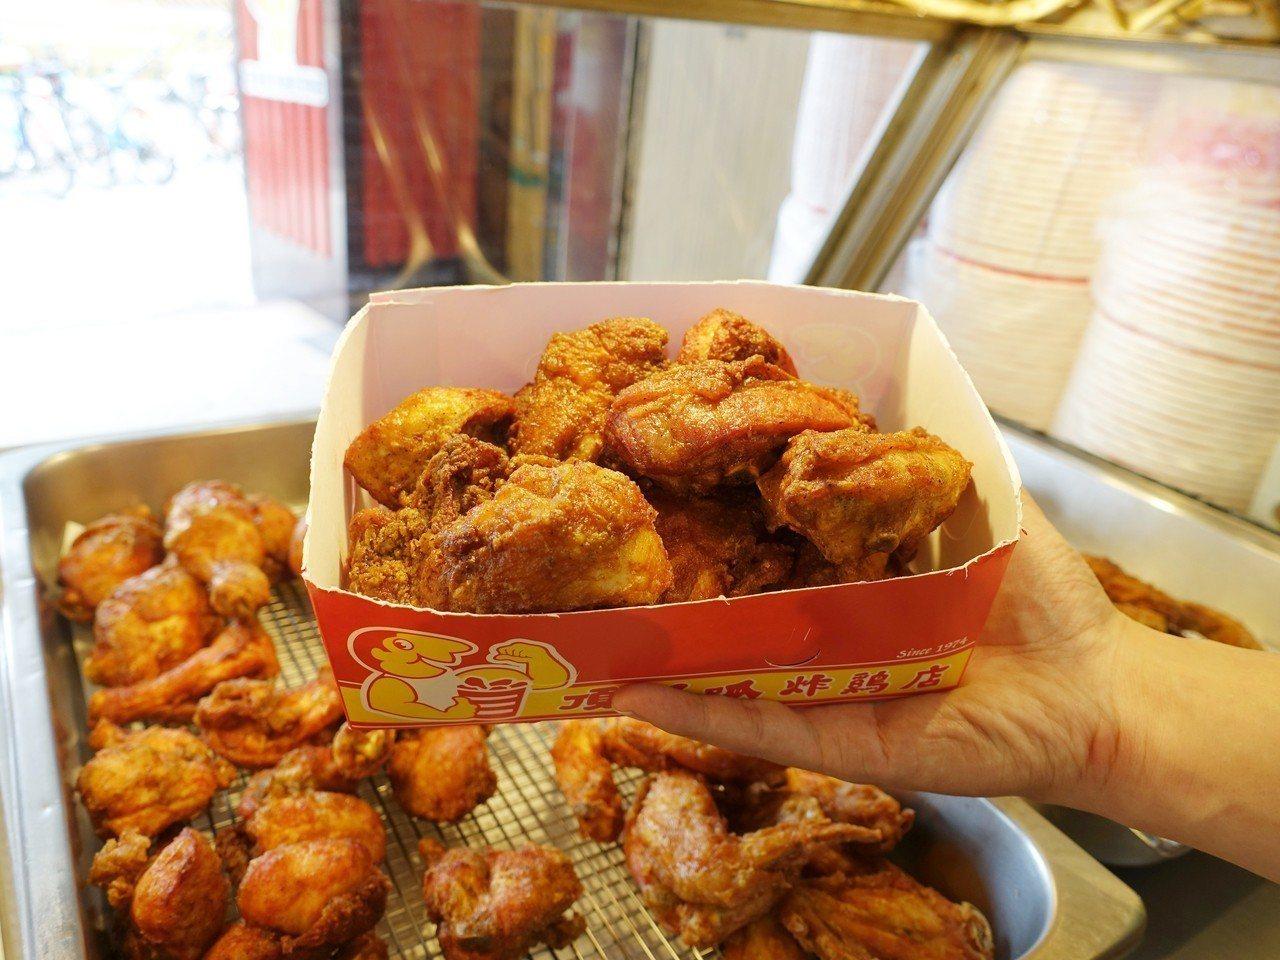 即日起至7/31前可於門市購買一斤雞生日餐,售價180元。記者張芳瑜/攝影